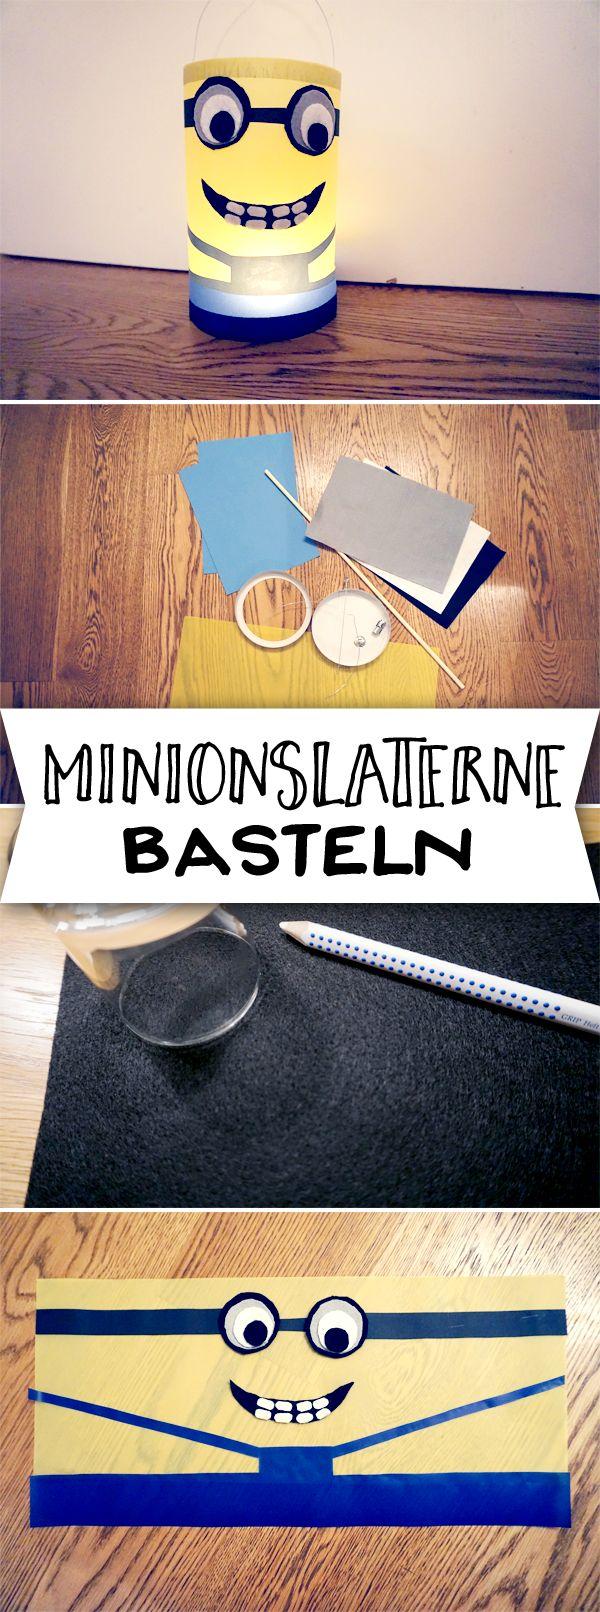 Die Minions dürfen mit zum Laternenumzug! Hier gibt's die Bastelanleitung.